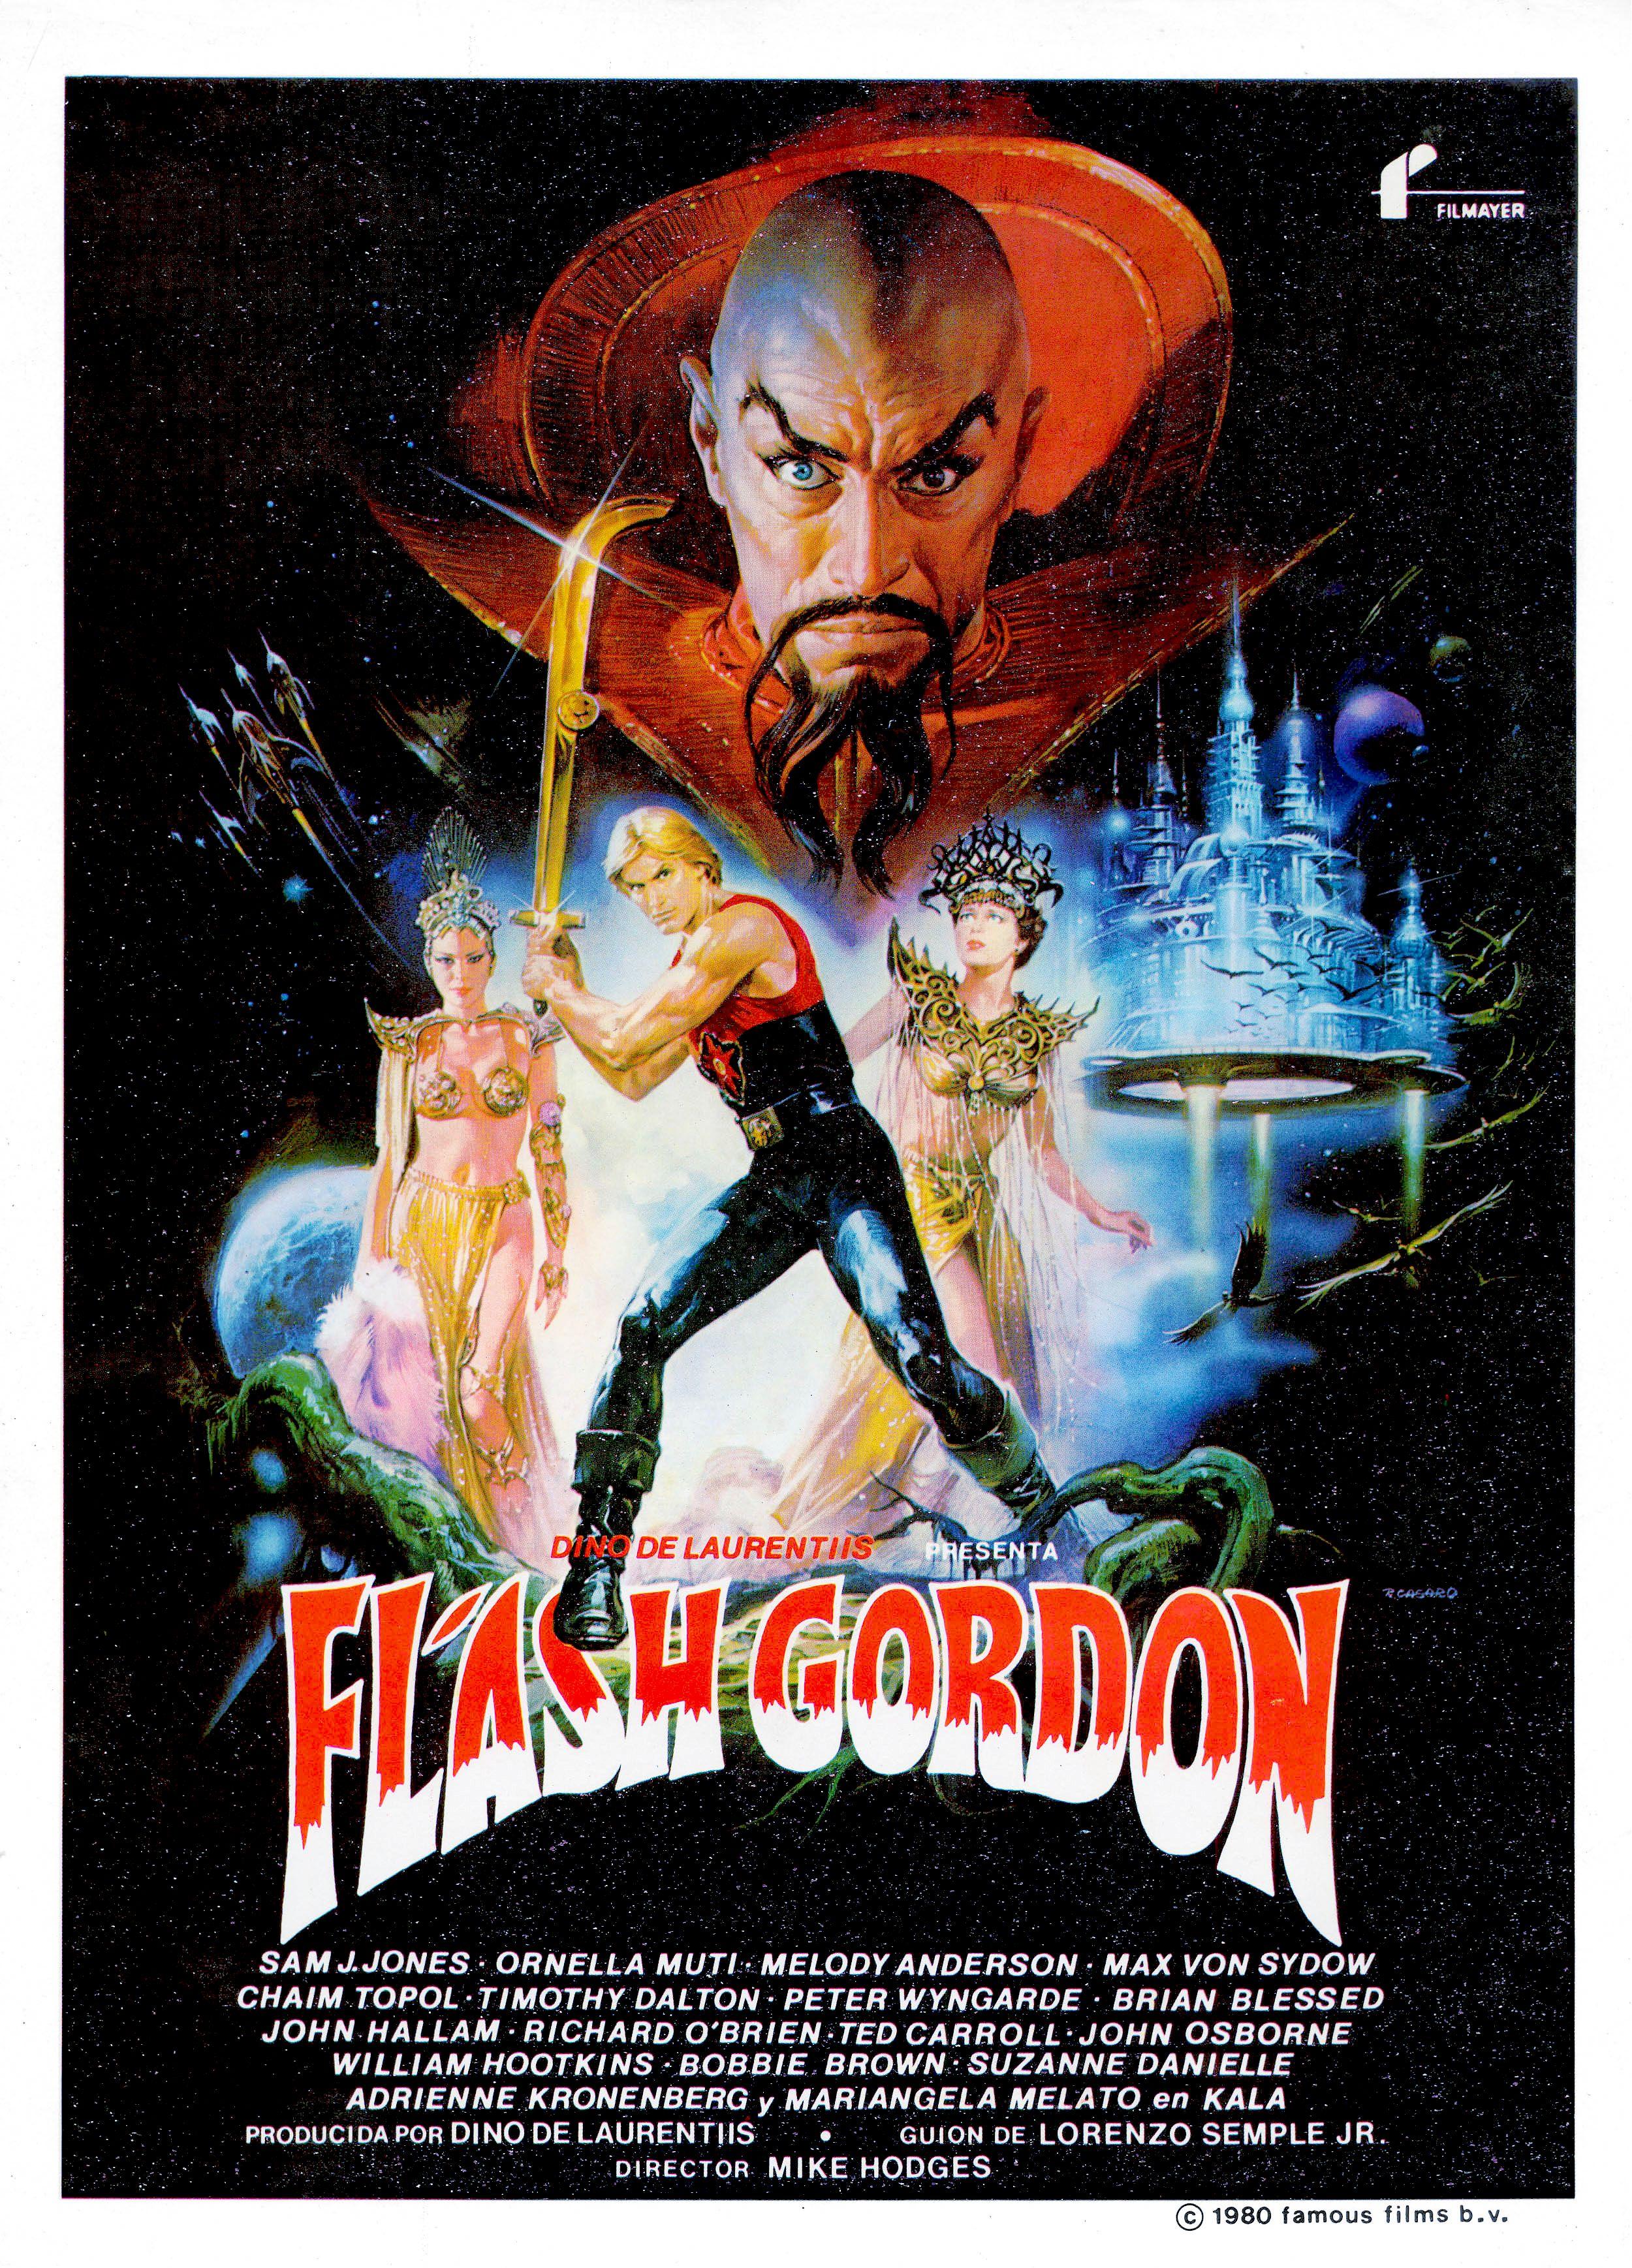 Flash Gordon Restoration Performed By Darren Harrison Mejores Carteles De Peliculas Peliculas De Terror Peliculas De Ciencia Ficcion